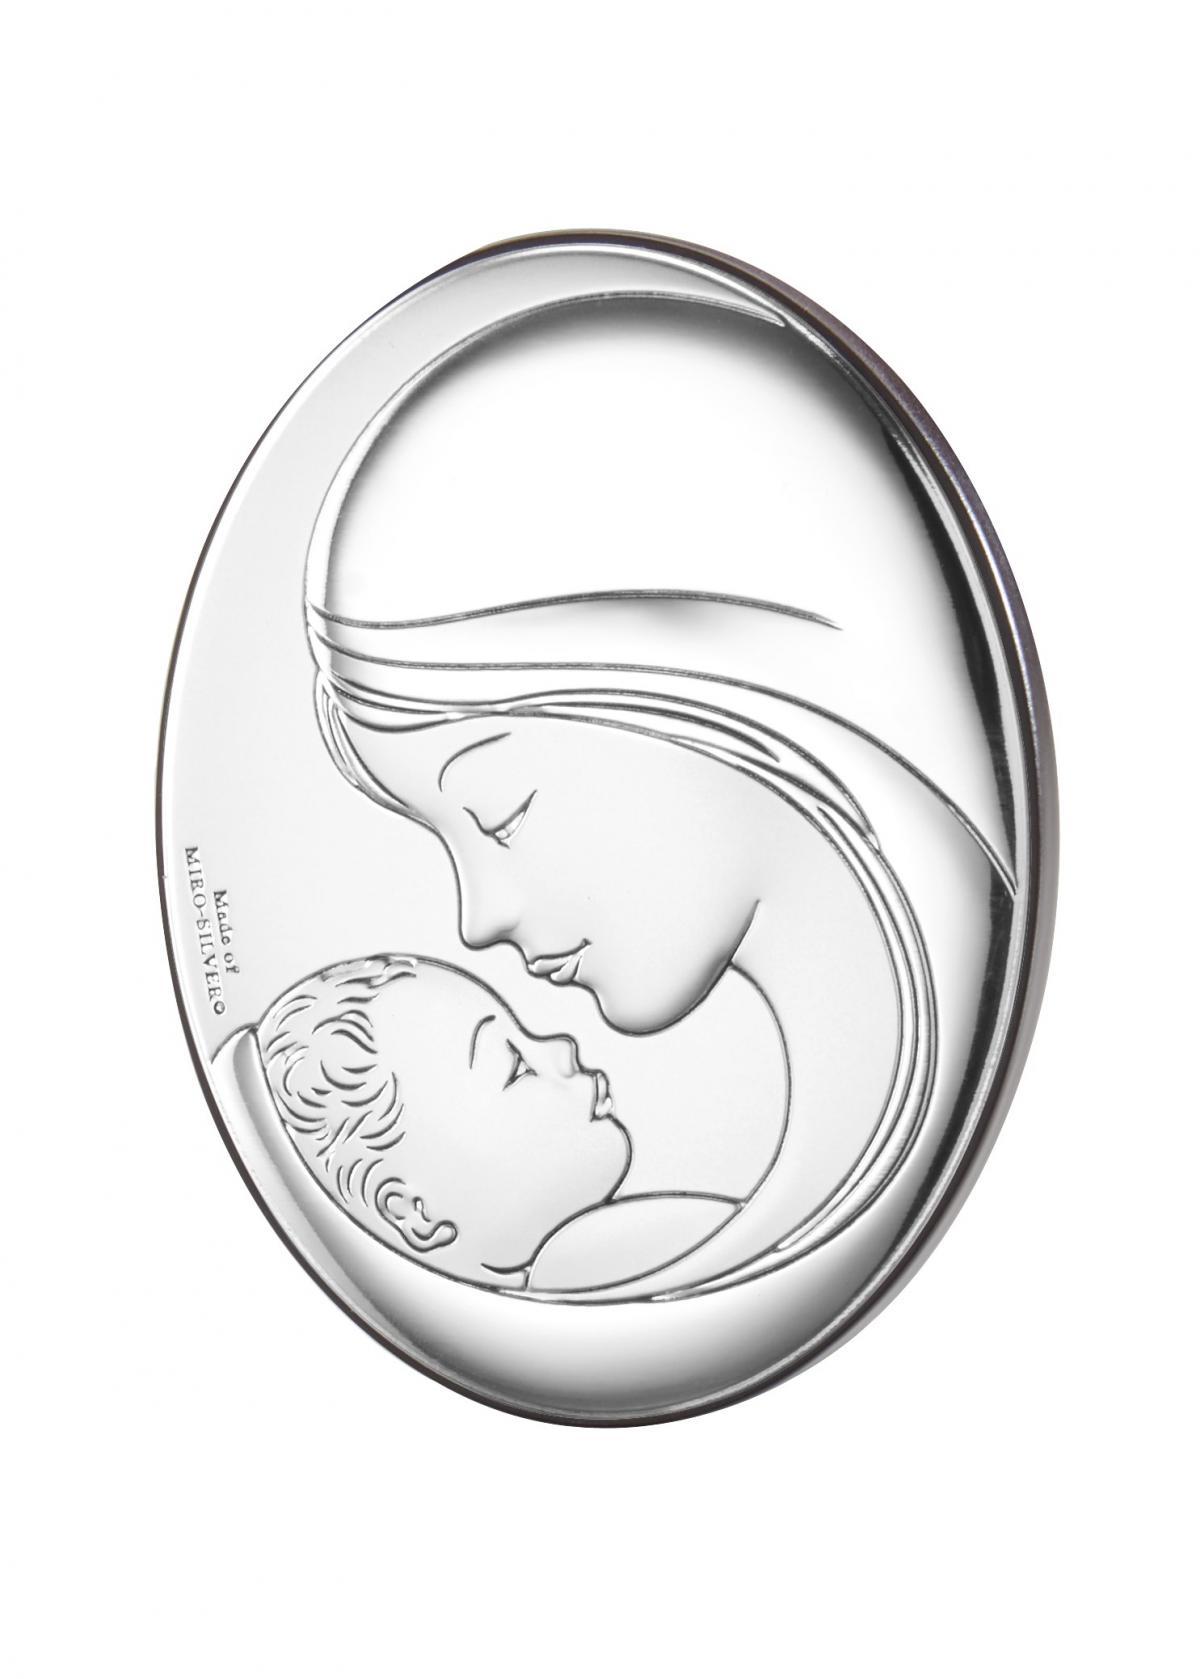 Ікона срібна овальна ``Мадонна з Немовлям`` (7х9см)  81381 2L